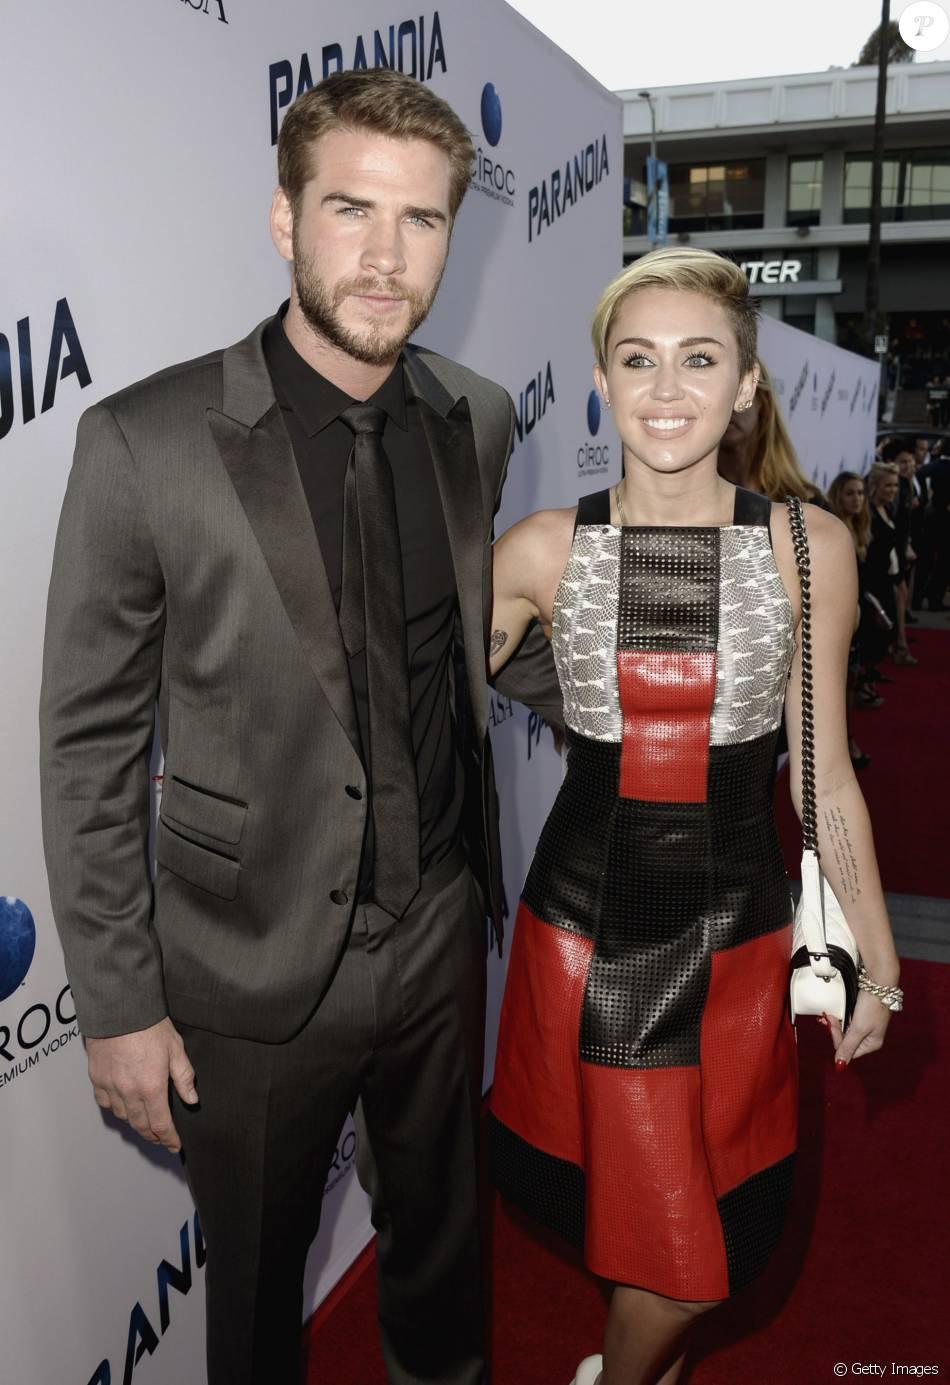 Miley Cyrus e Liam Hemsworth se casam em segredo na praia: 'Muito emocionante'